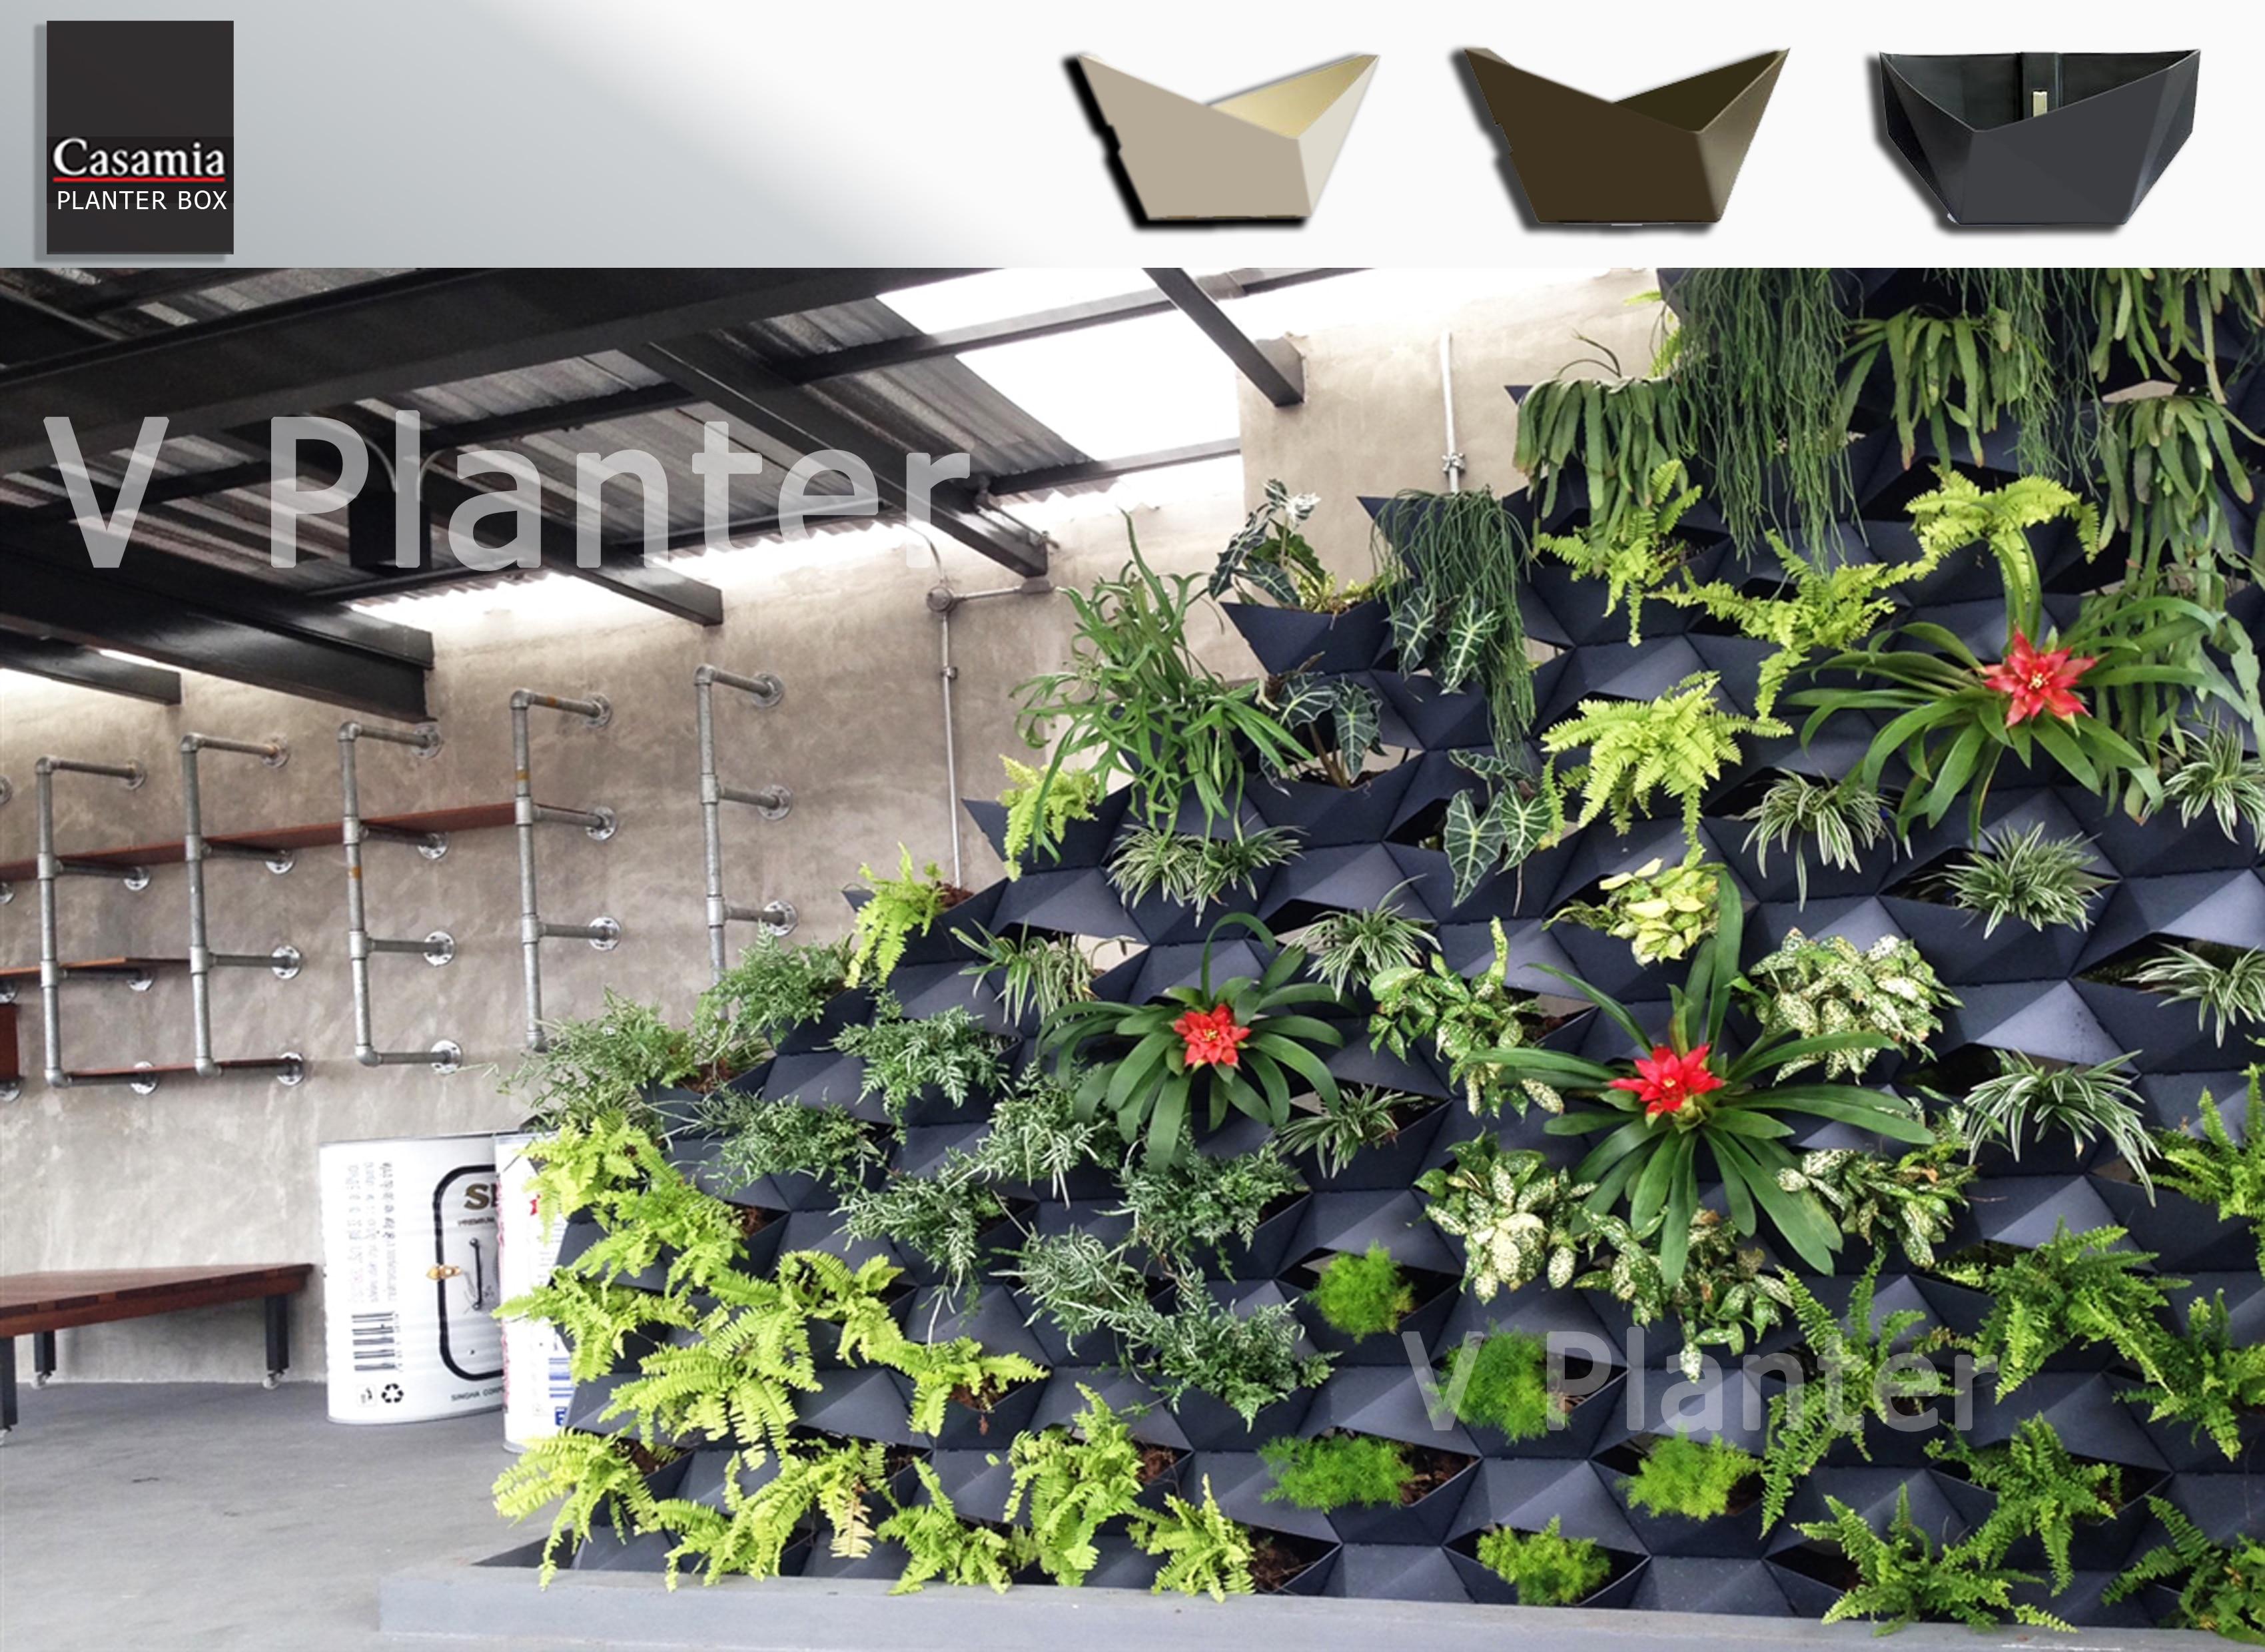 """V Planter""""The poet"""